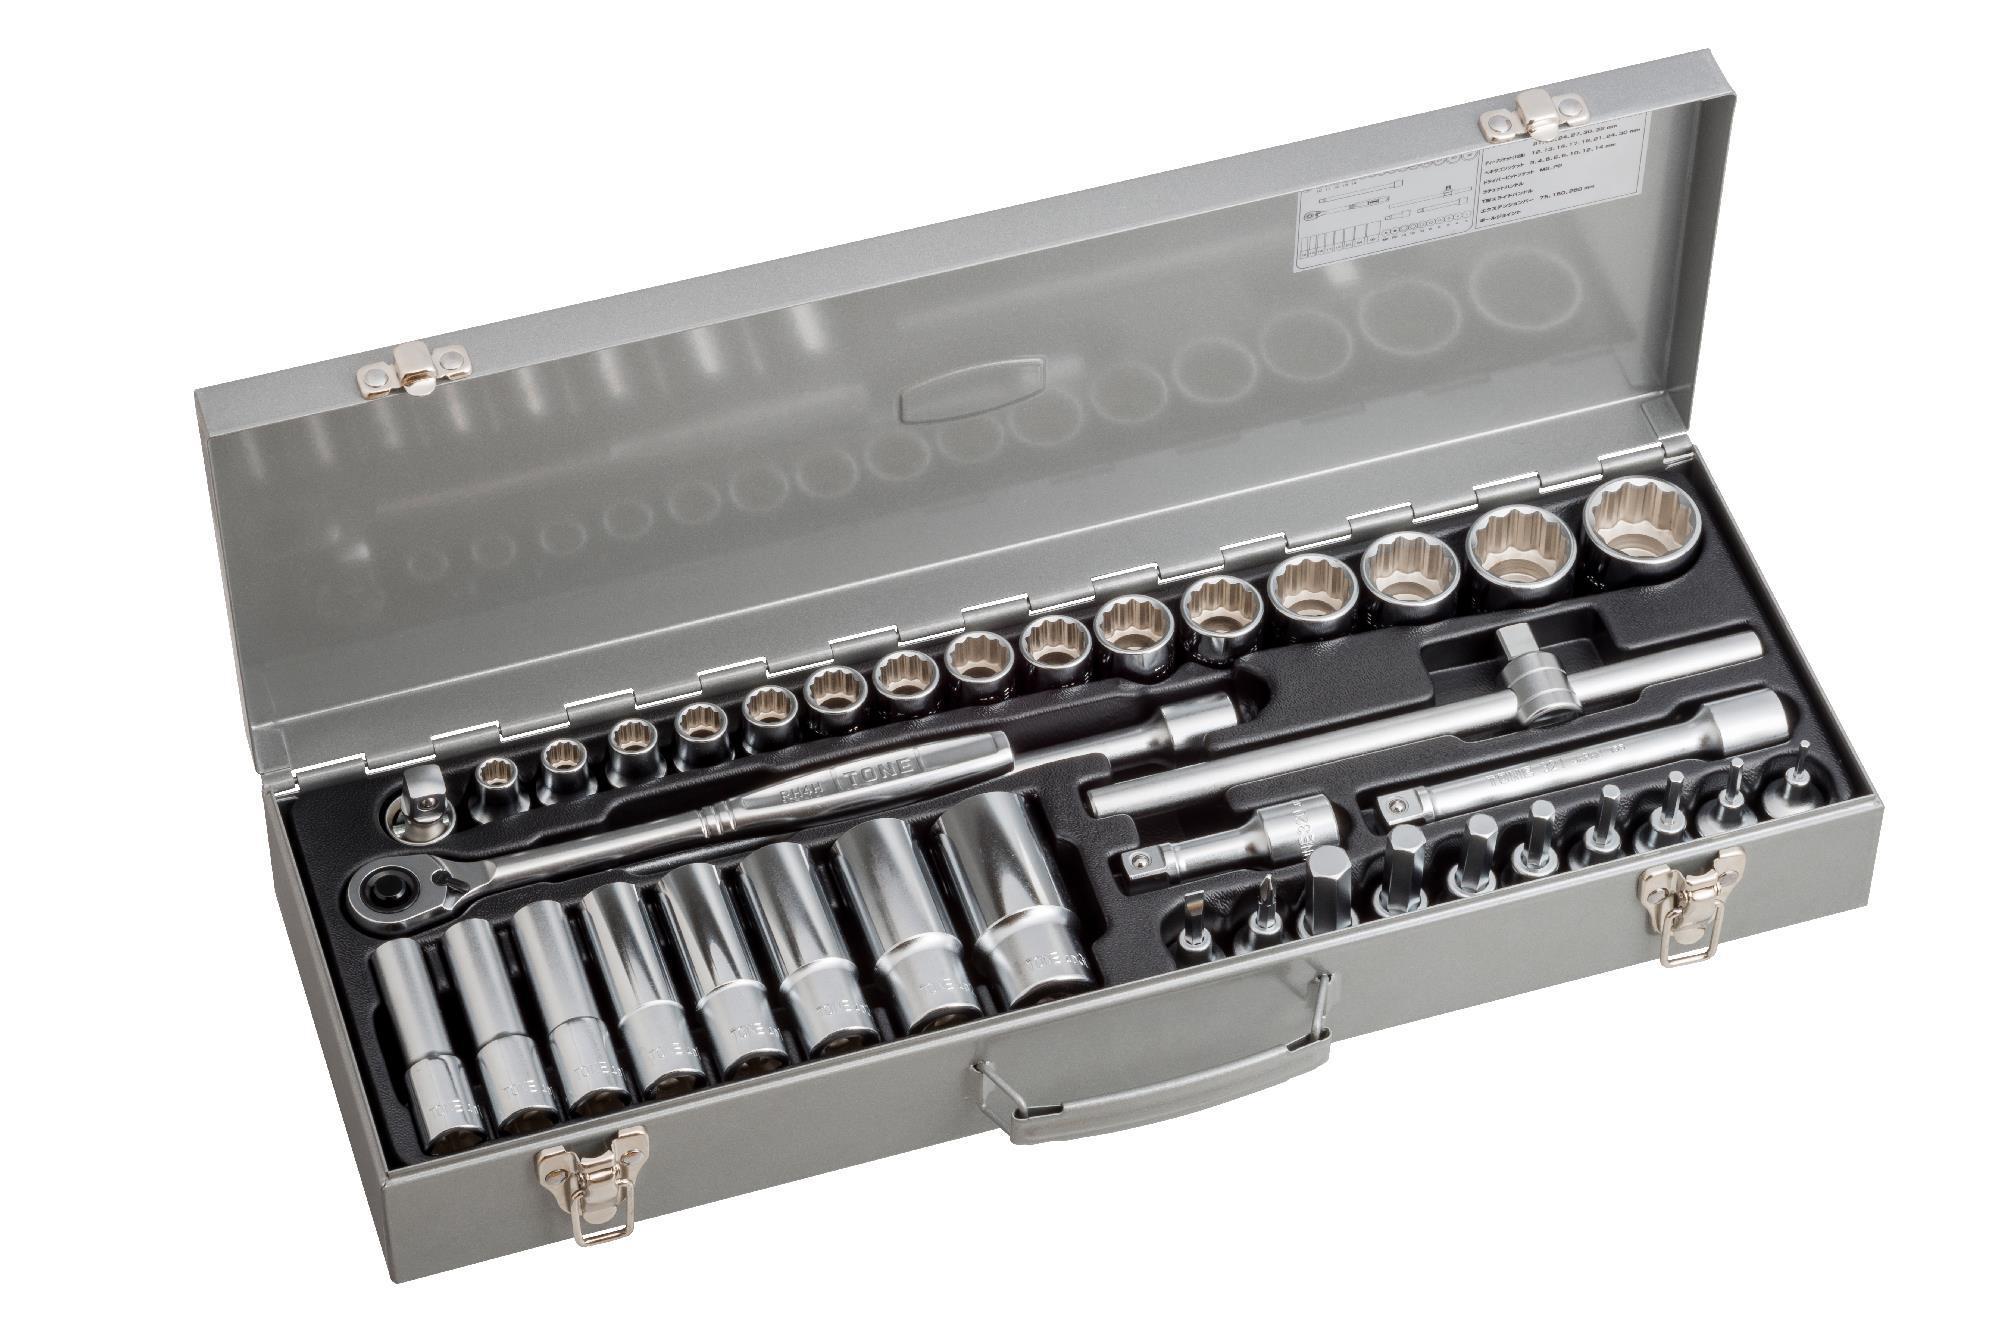 Hộp đầu khẩu và cần vặn TONE 39 chi tiết 1/2inch MX400